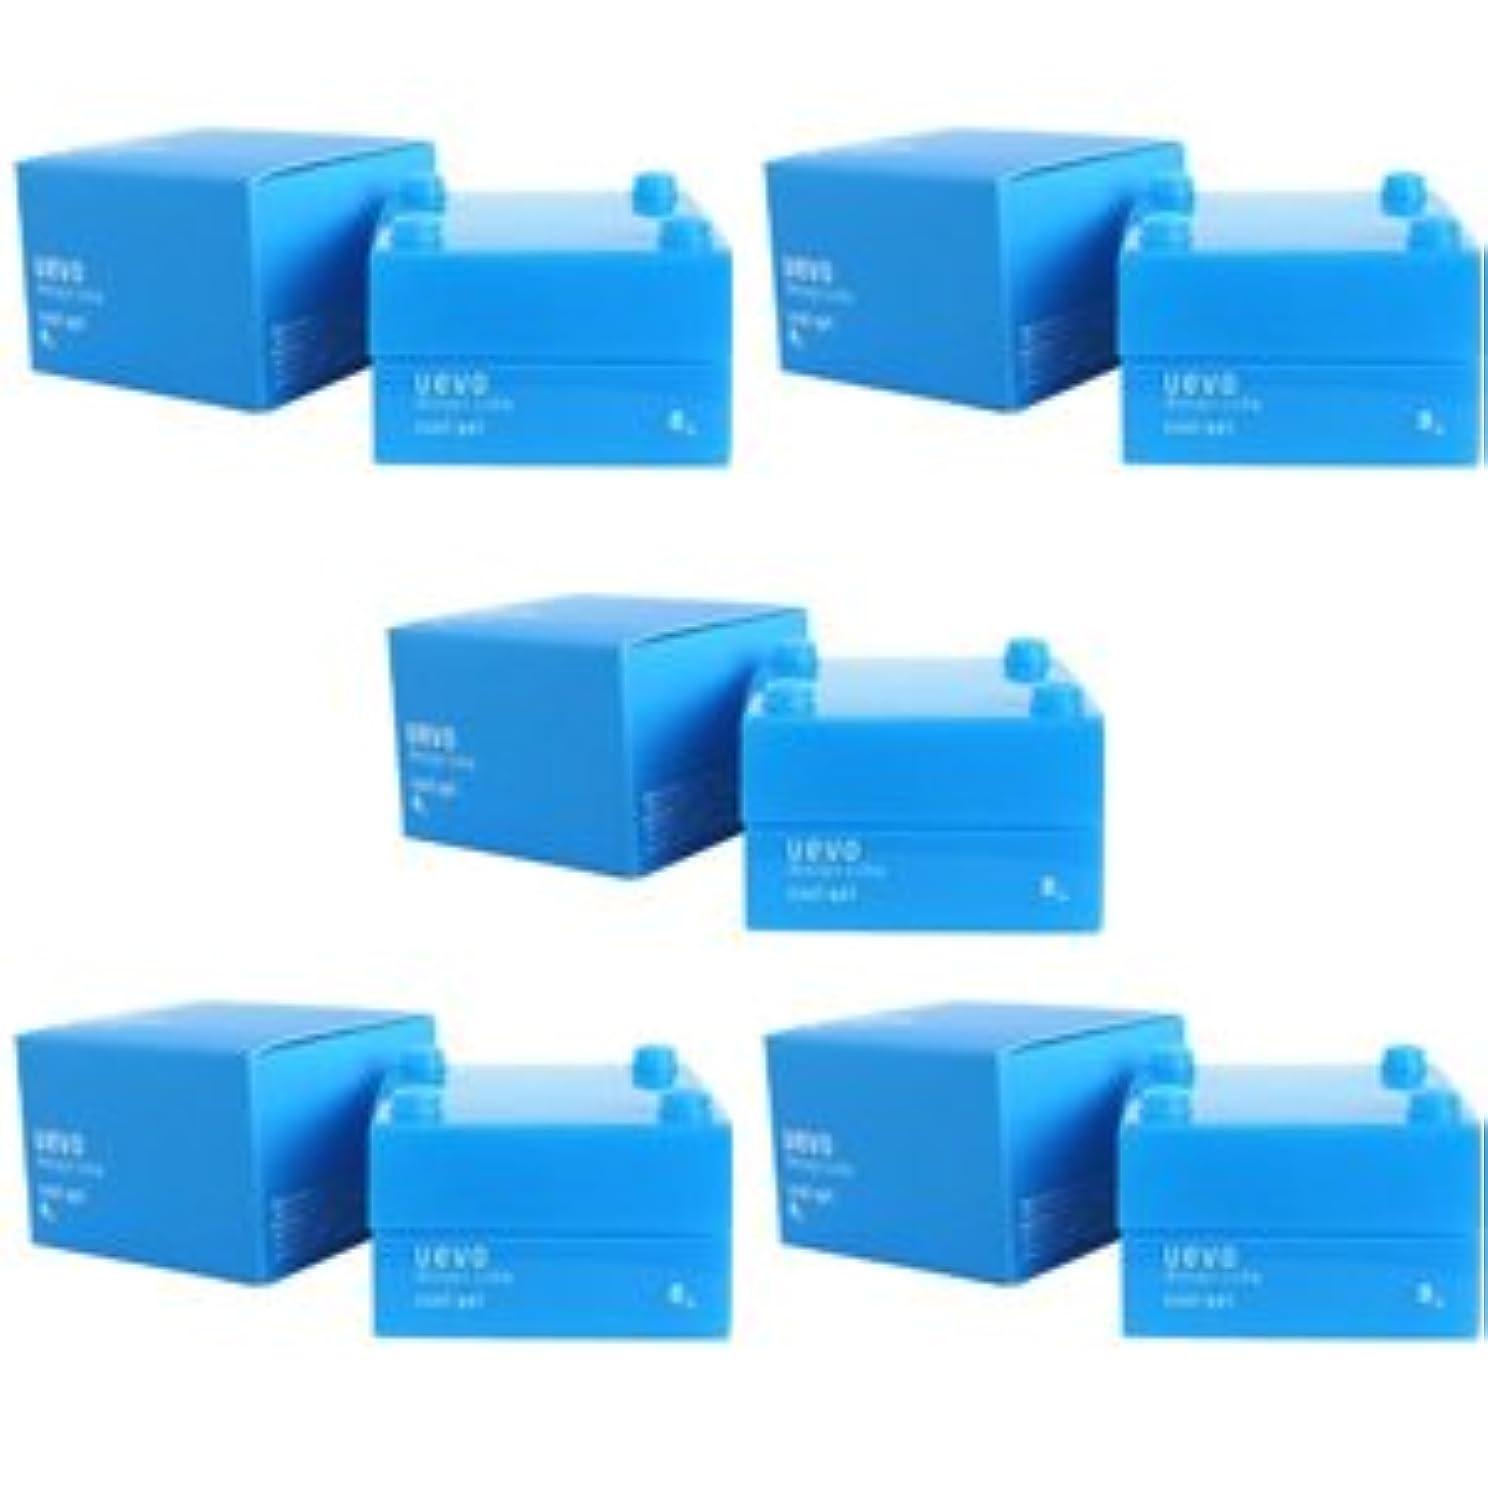 レバー統治する発明【X5個セット】 デミ ウェーボ デザインキューブ クールジェル 30g cool gel DEMI uevo design cube